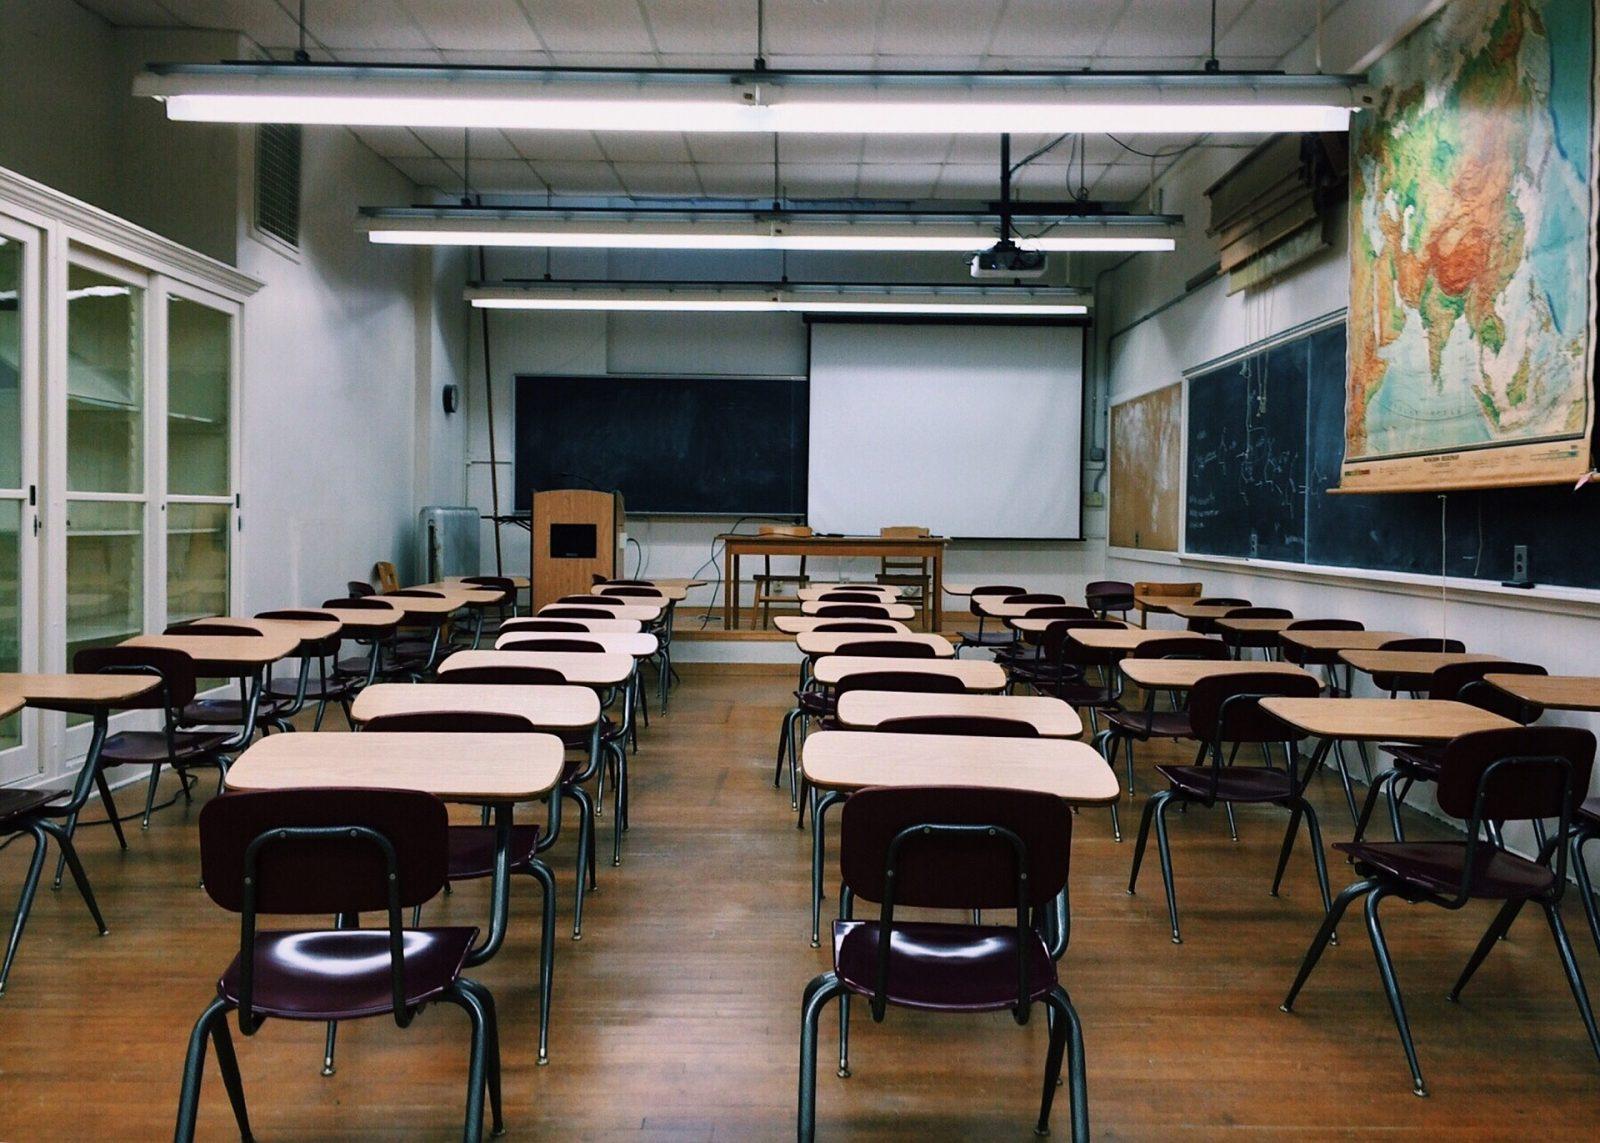 Les enseignants formés par l'UQAC en Minganie auront priorité d'embauche